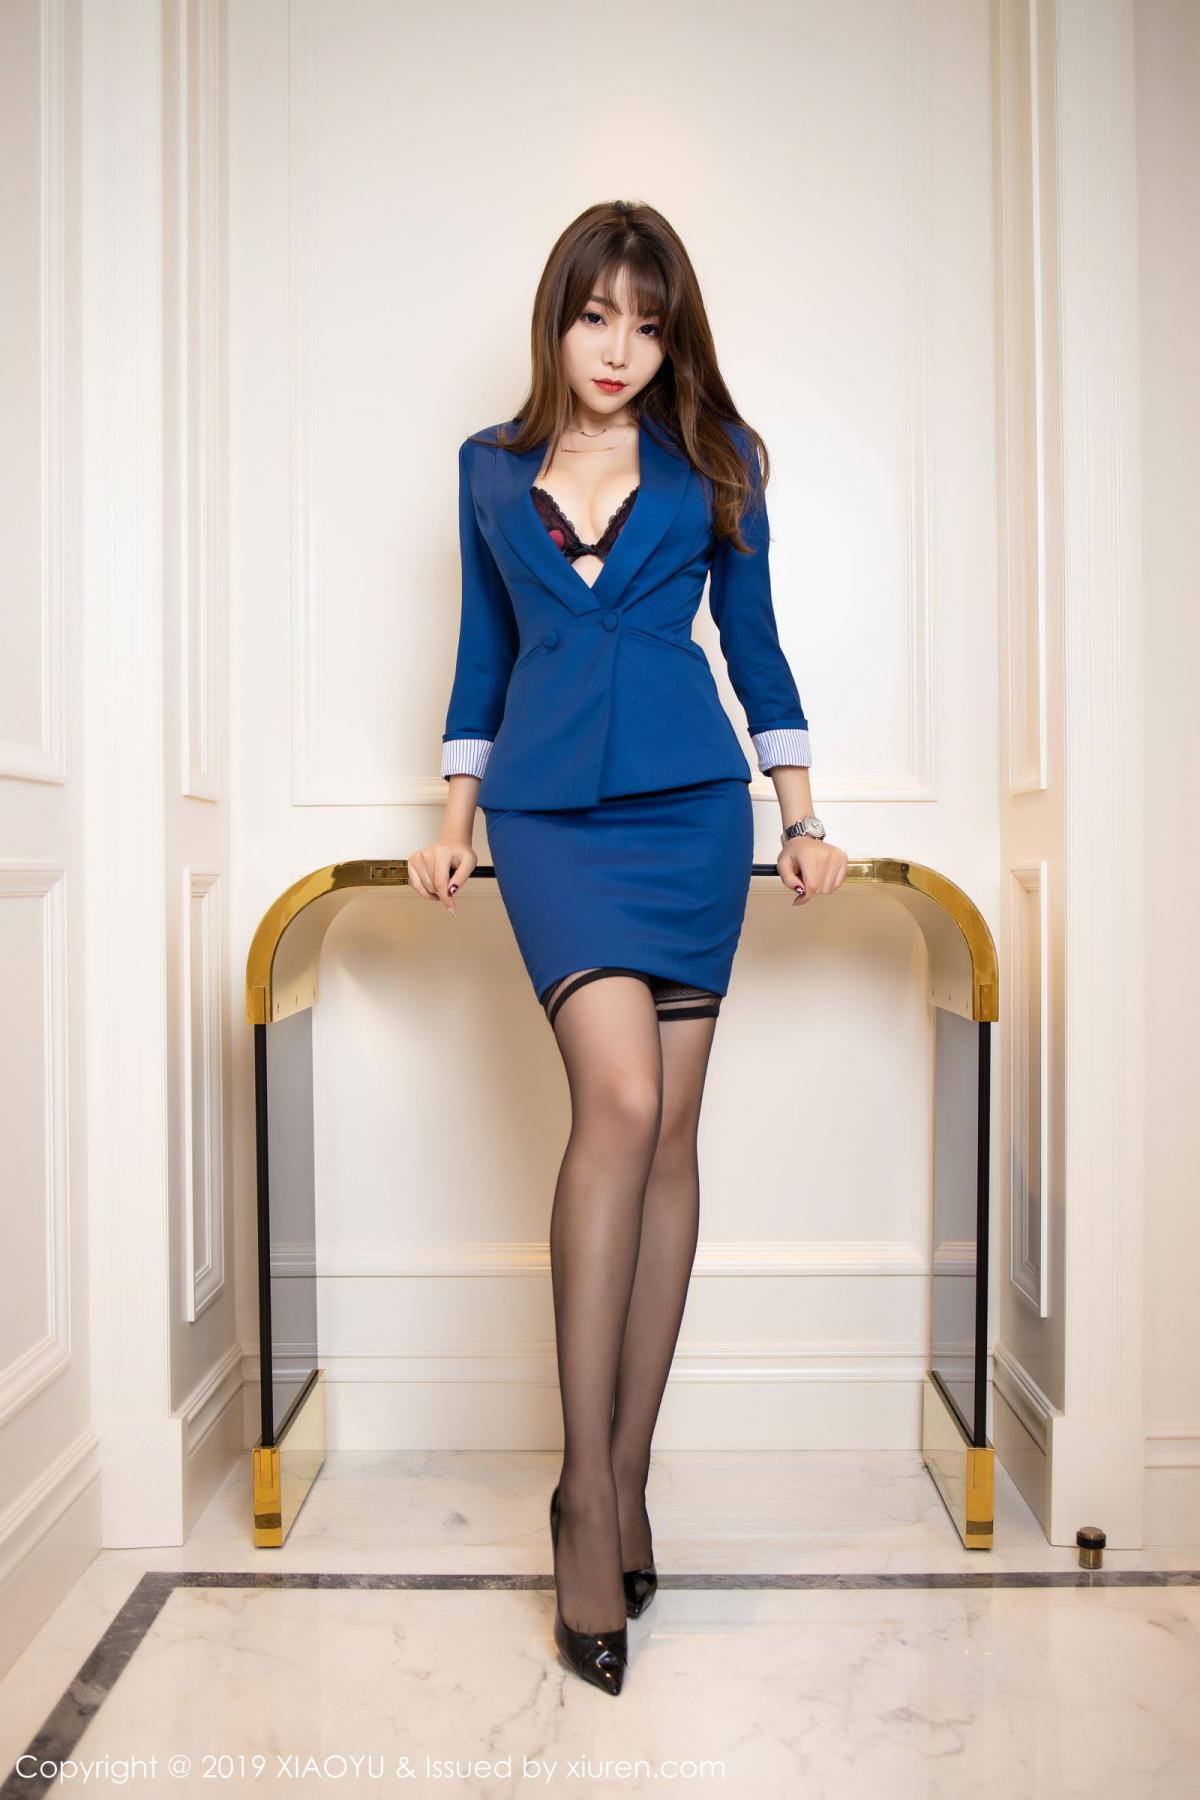 [XiaoYu] Vol.205 Chen Zhi 1P, Black Silk, Chen Zhi, Underwear, Uniform, XiaoYu